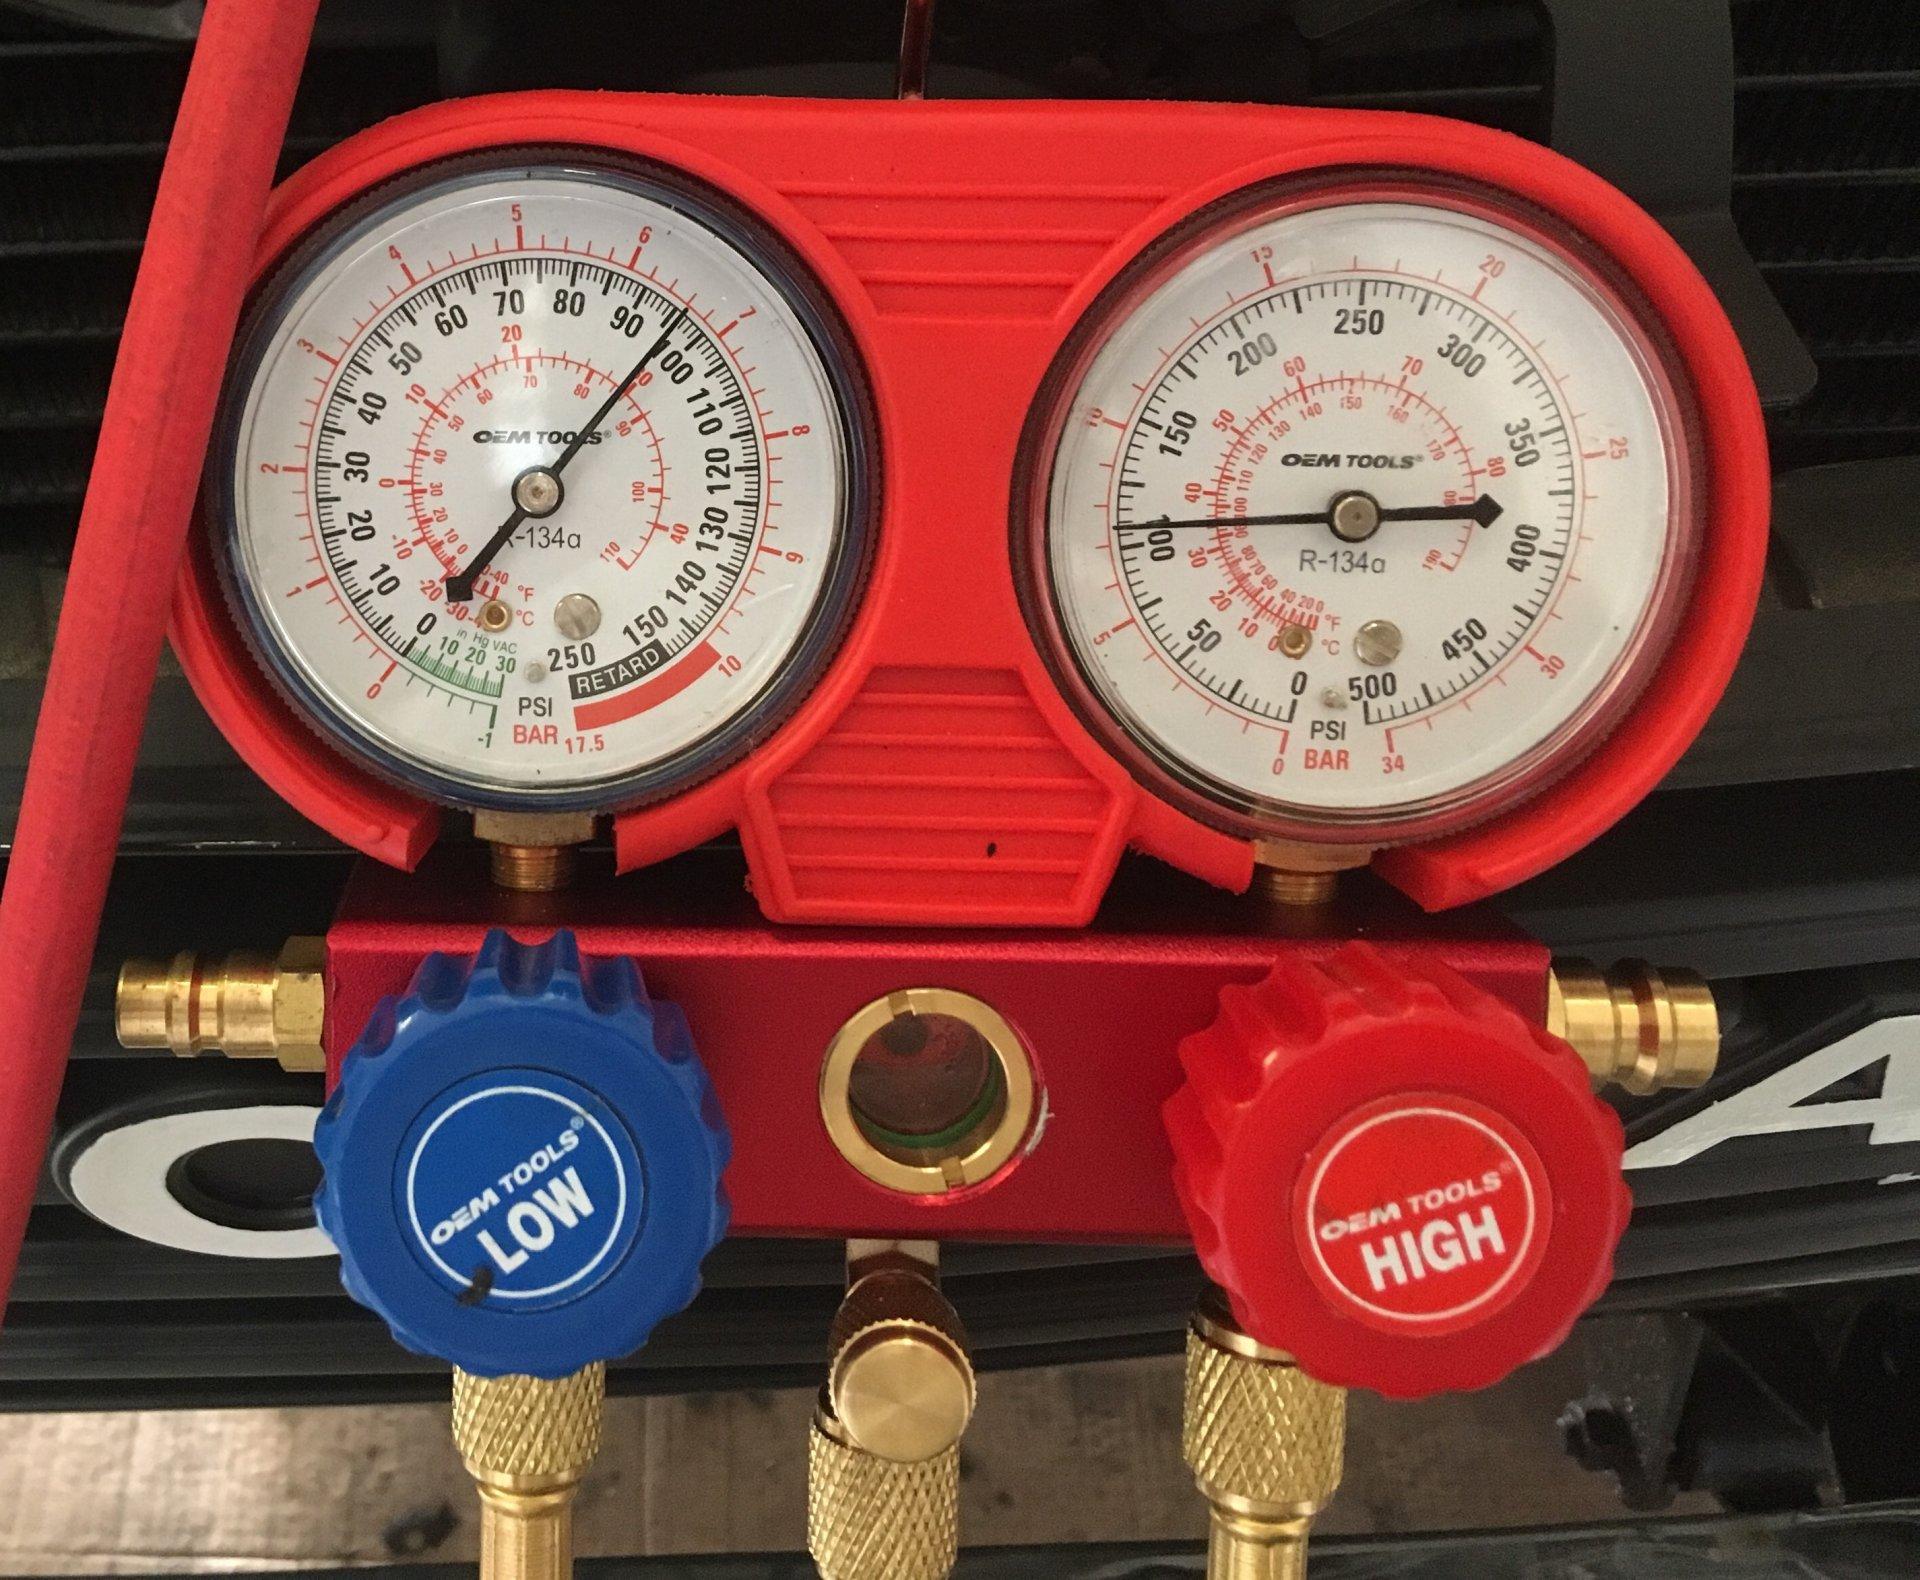 AC won't take freon | IH8MUD Forum